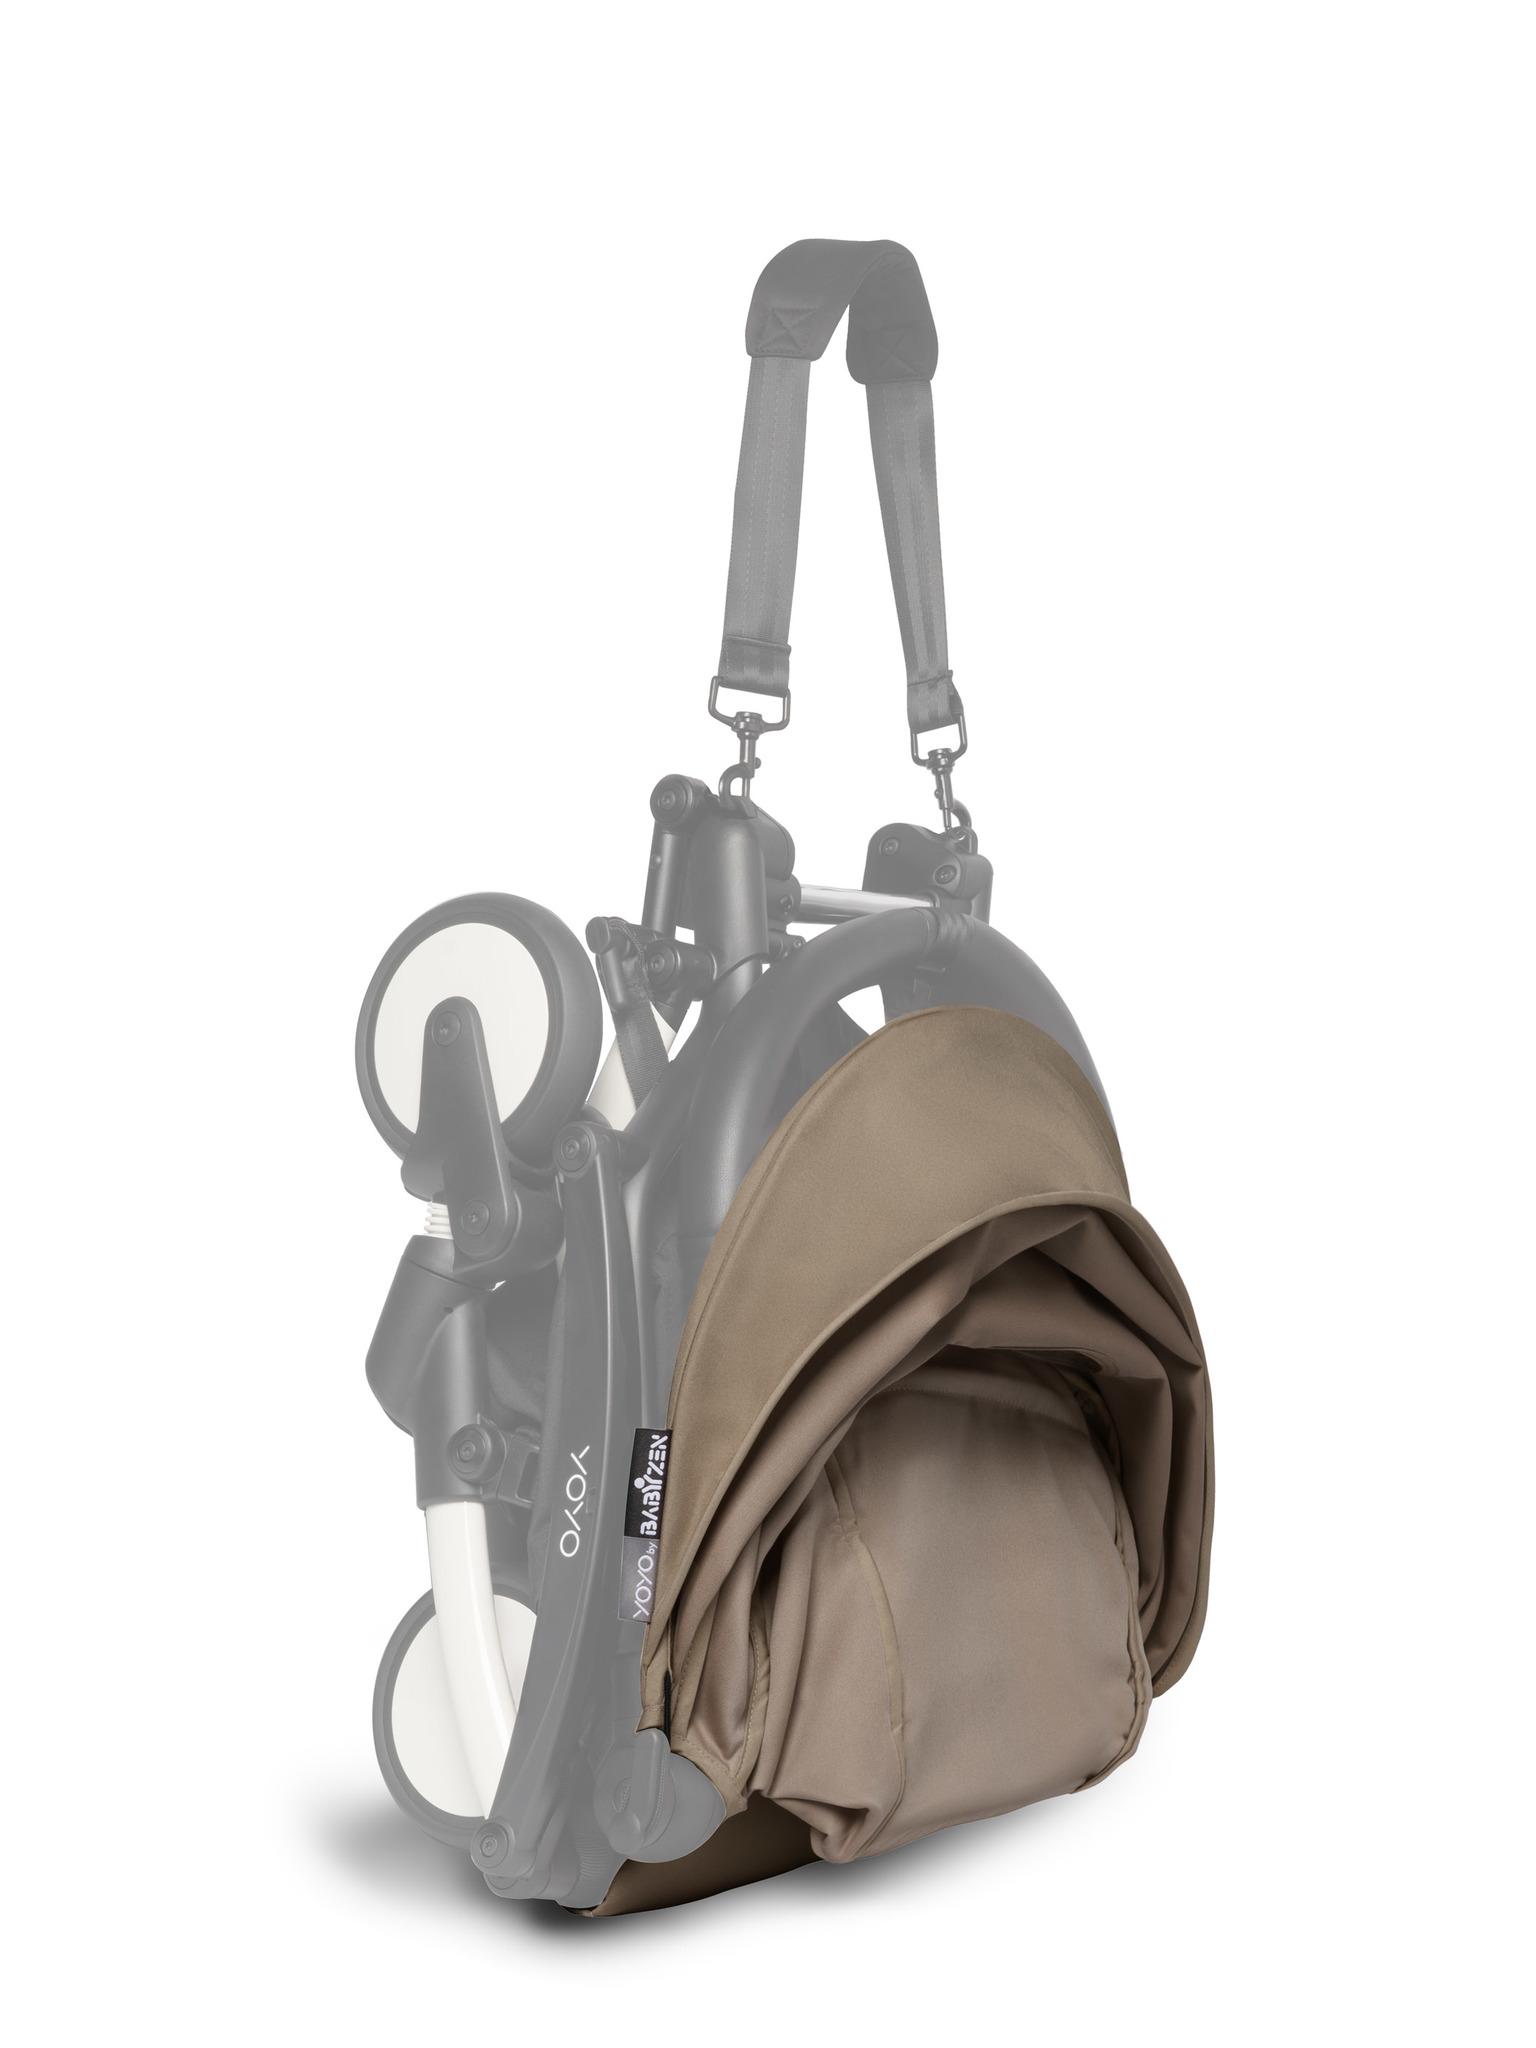 Текстиль сменный для колясок YoYo+ 6+ Taupe Кротовое